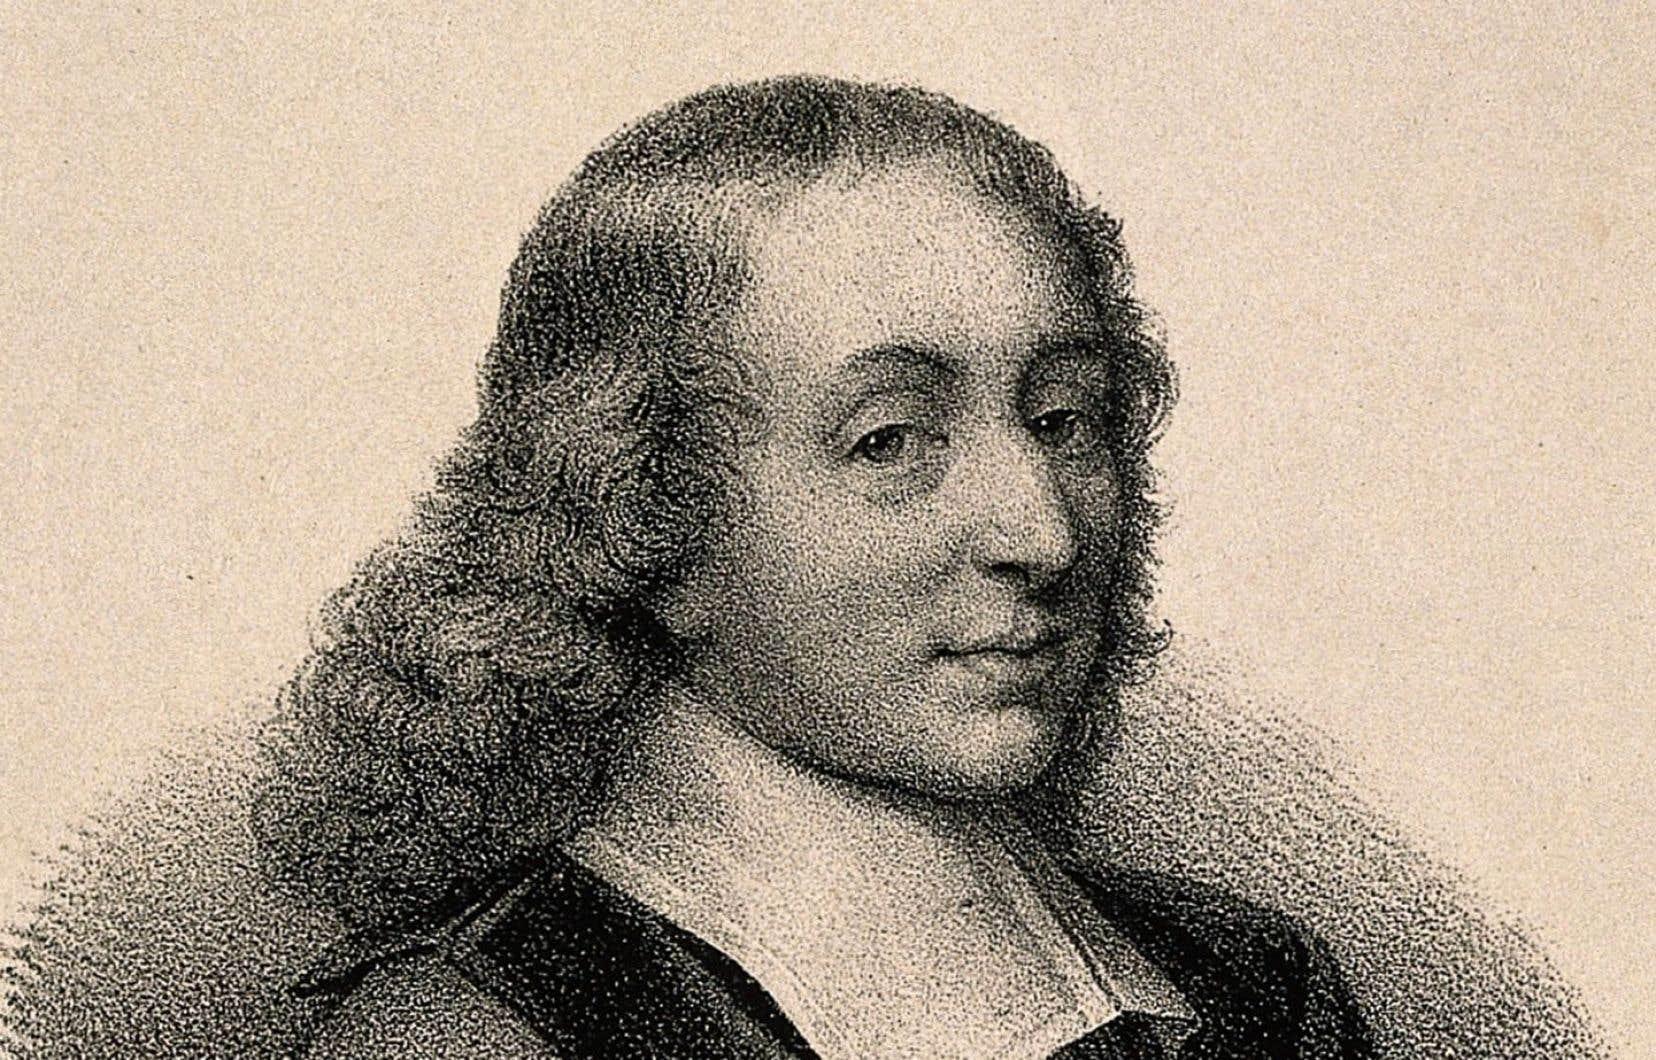 Blaise Pascal, philosophe, mathématicien, polémiste et théologien français du XVIIesiècle